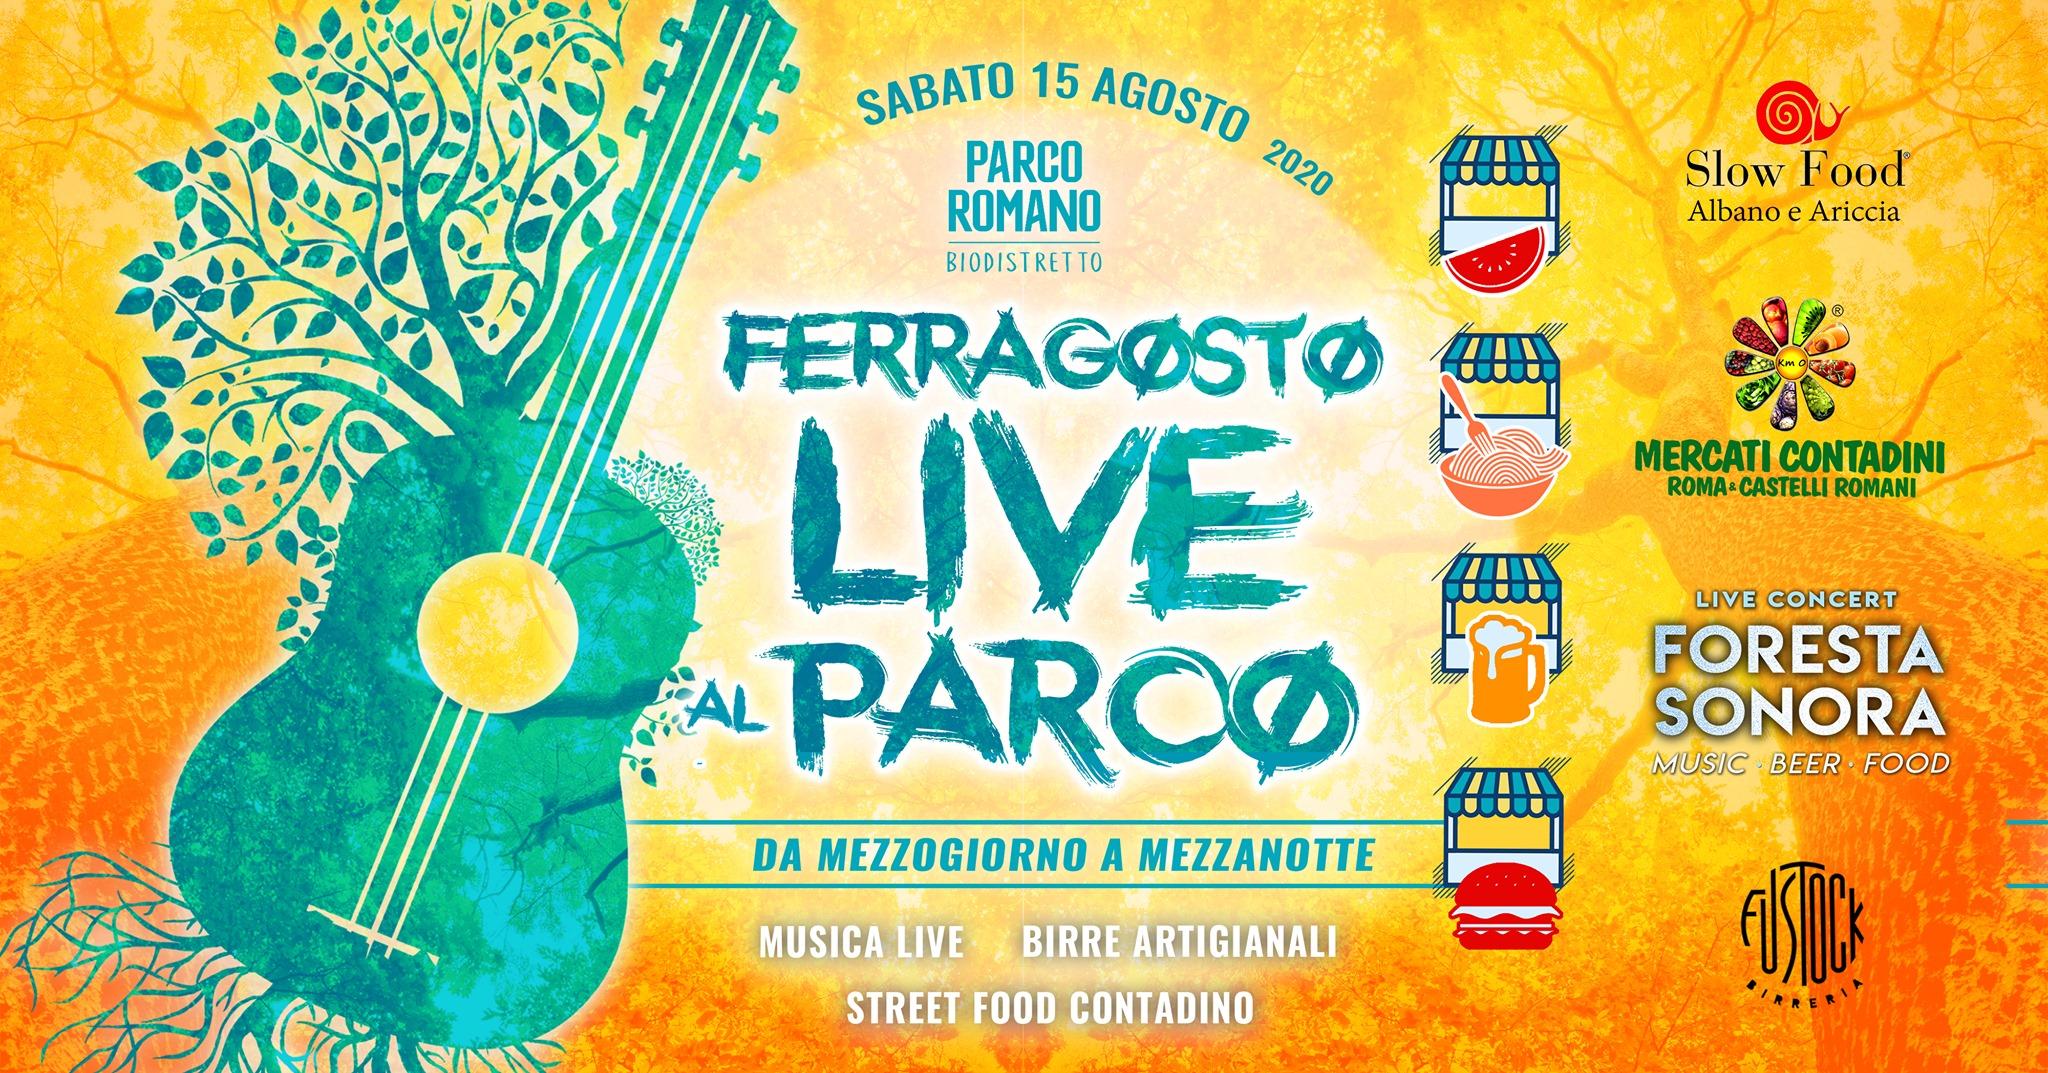 ferragosto live parco 2020 ariccia roma castelli romani